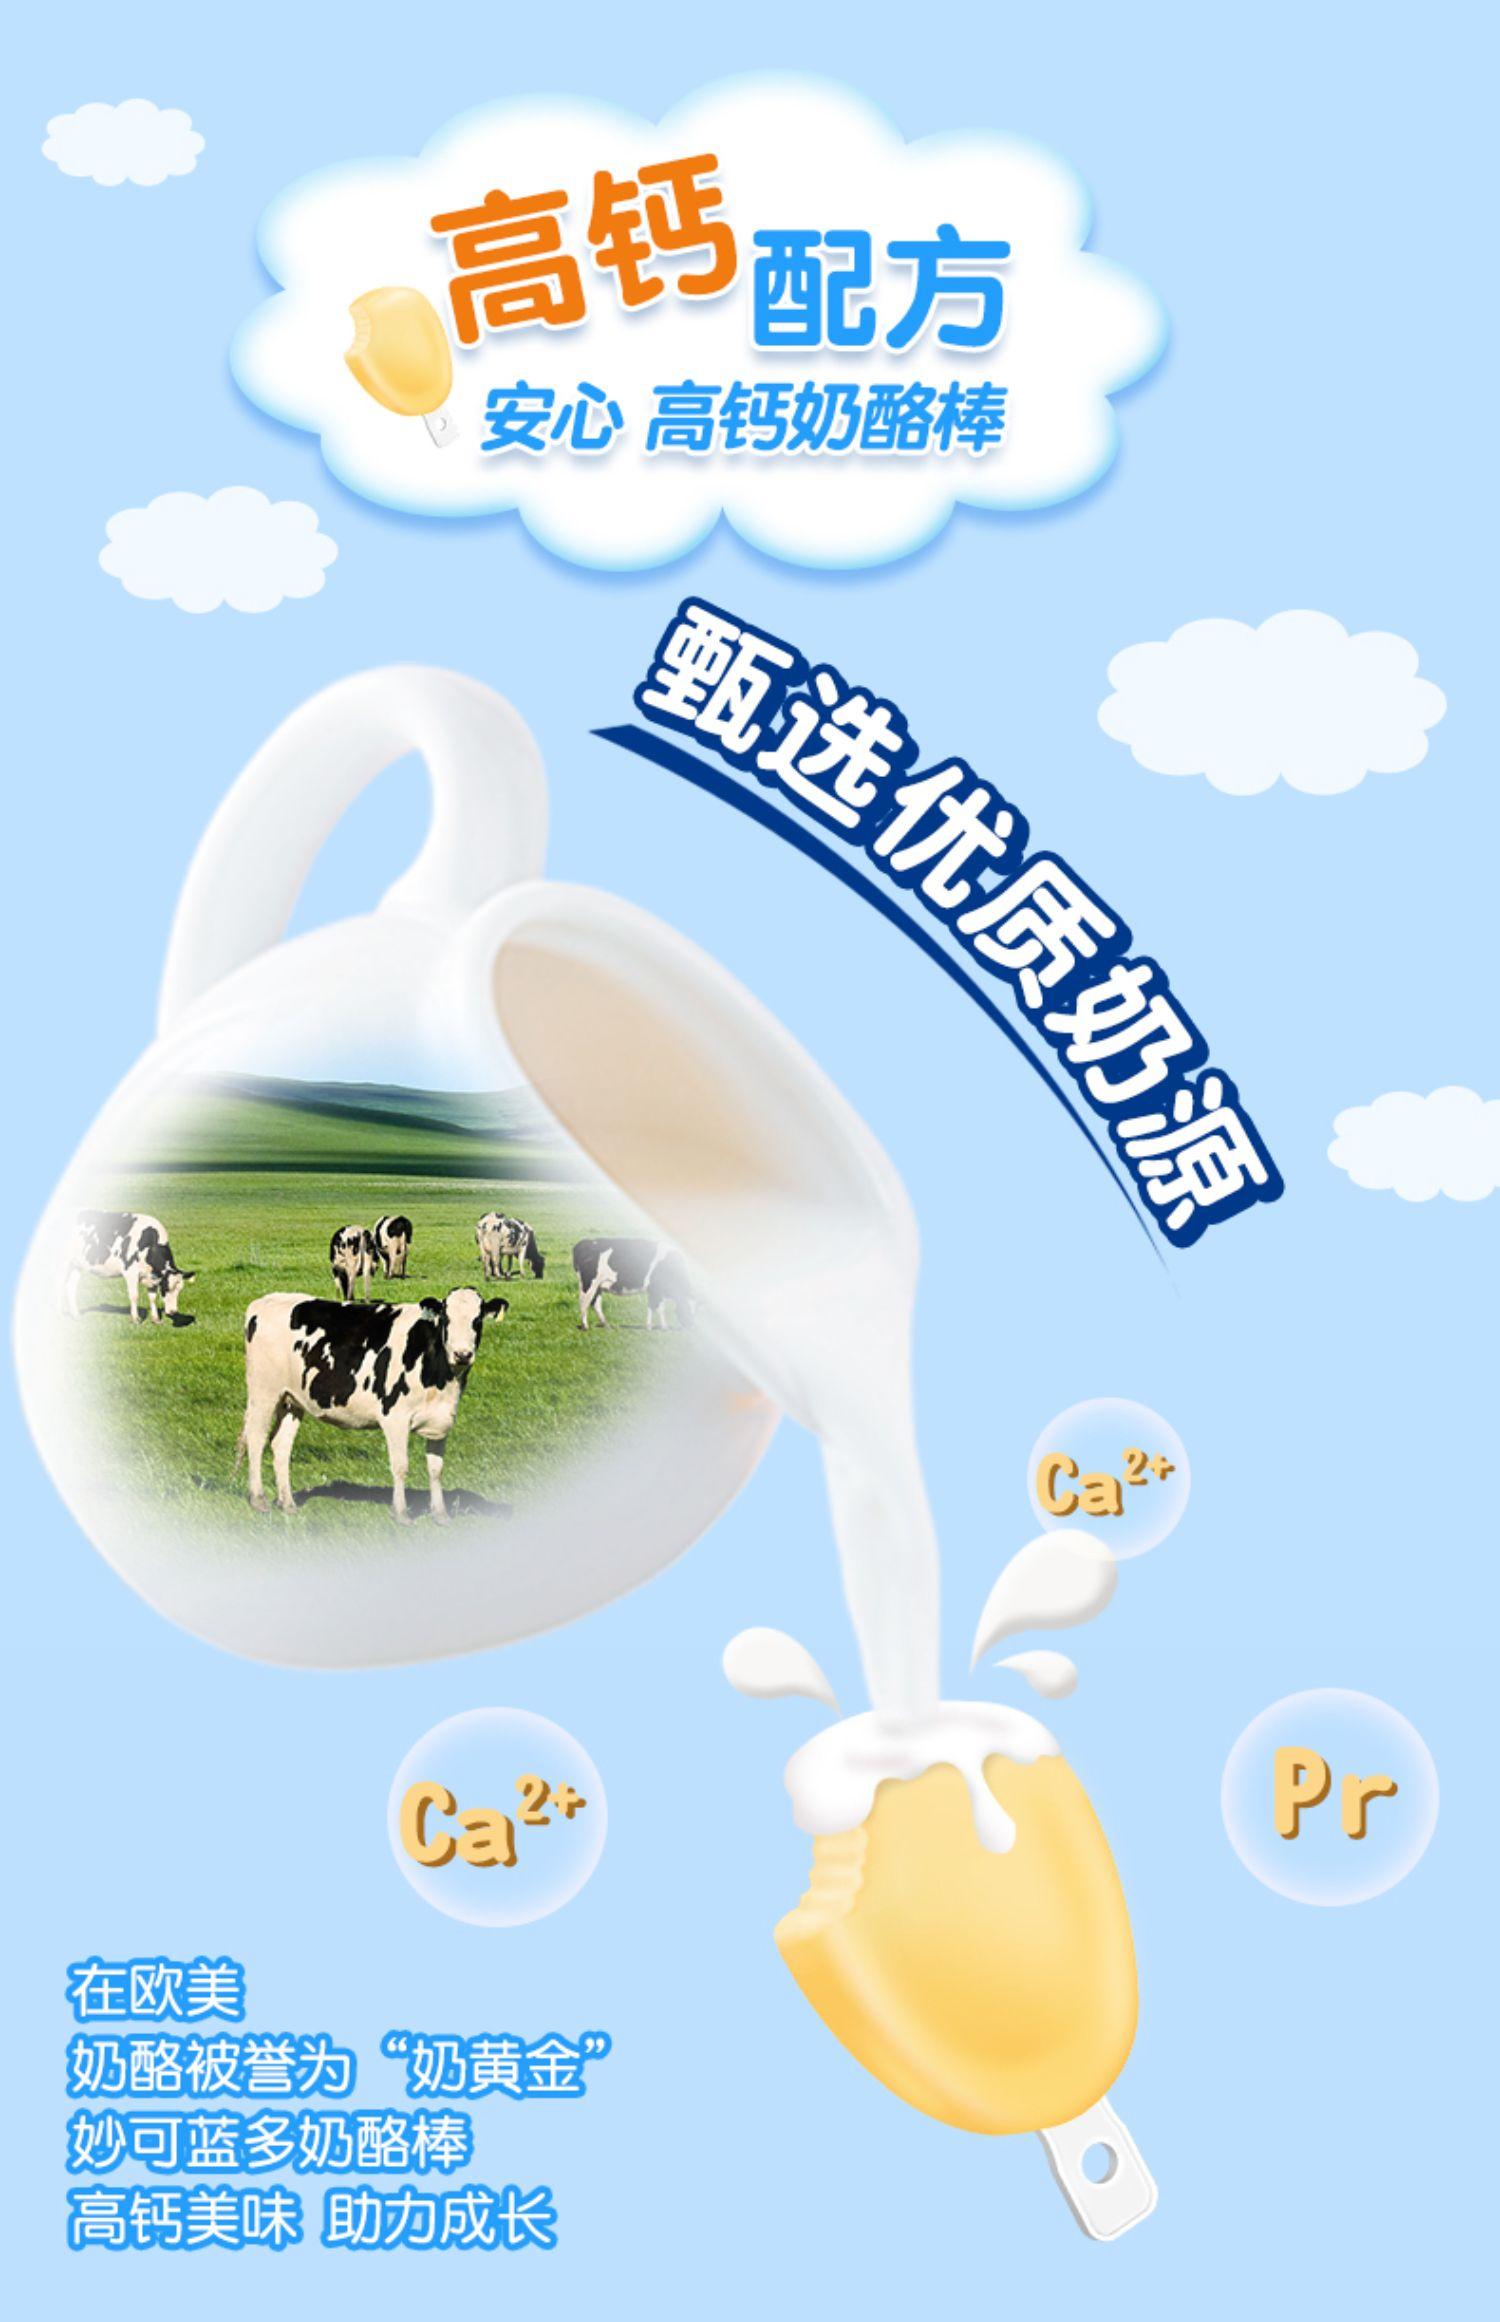 【妙可蓝多】芝士奶酪棒500g*2